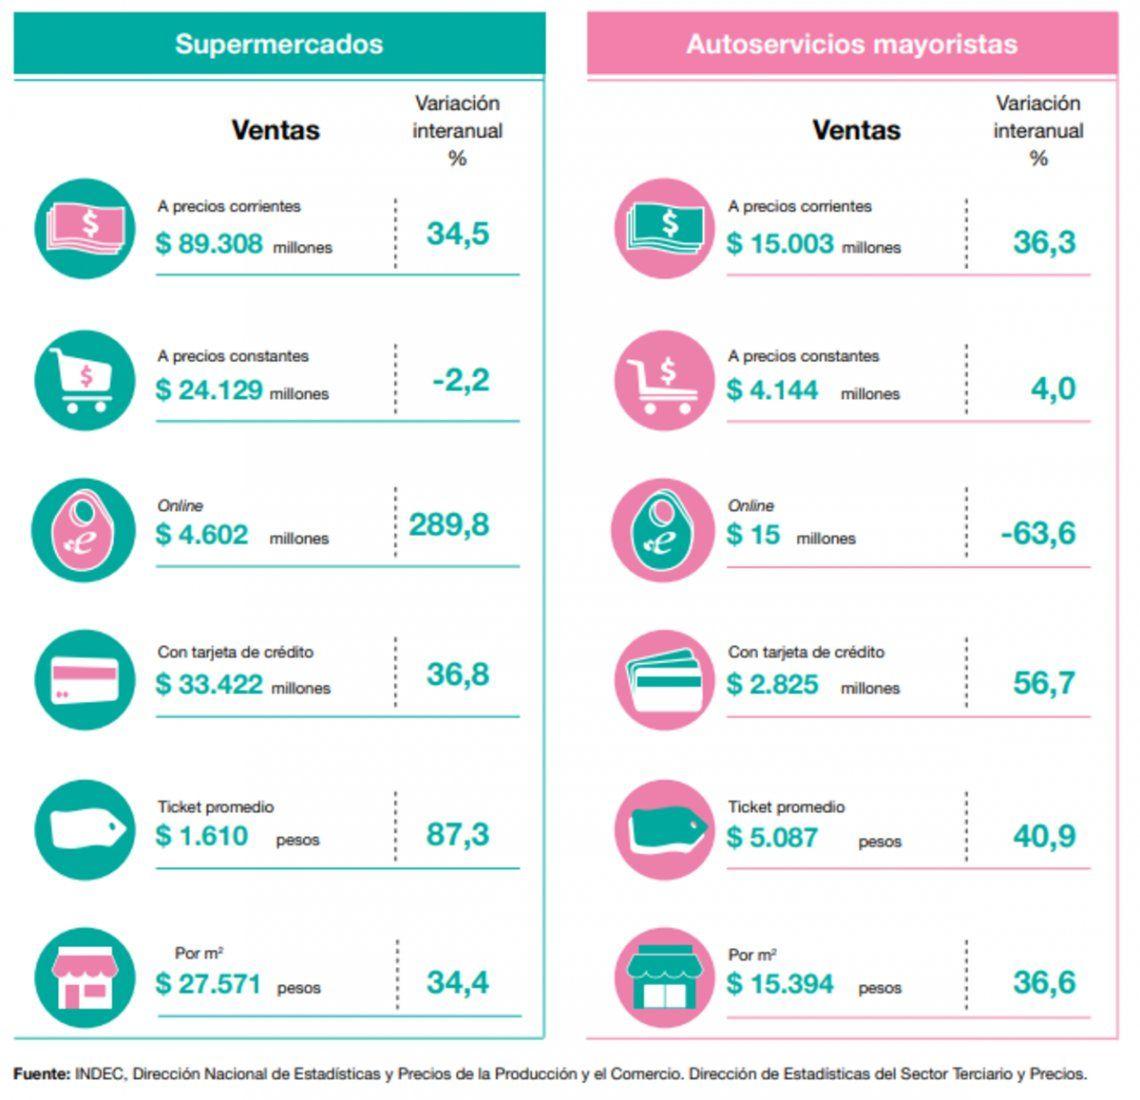 Evolución de las ventas en supermercados y autoservicios mayoristas